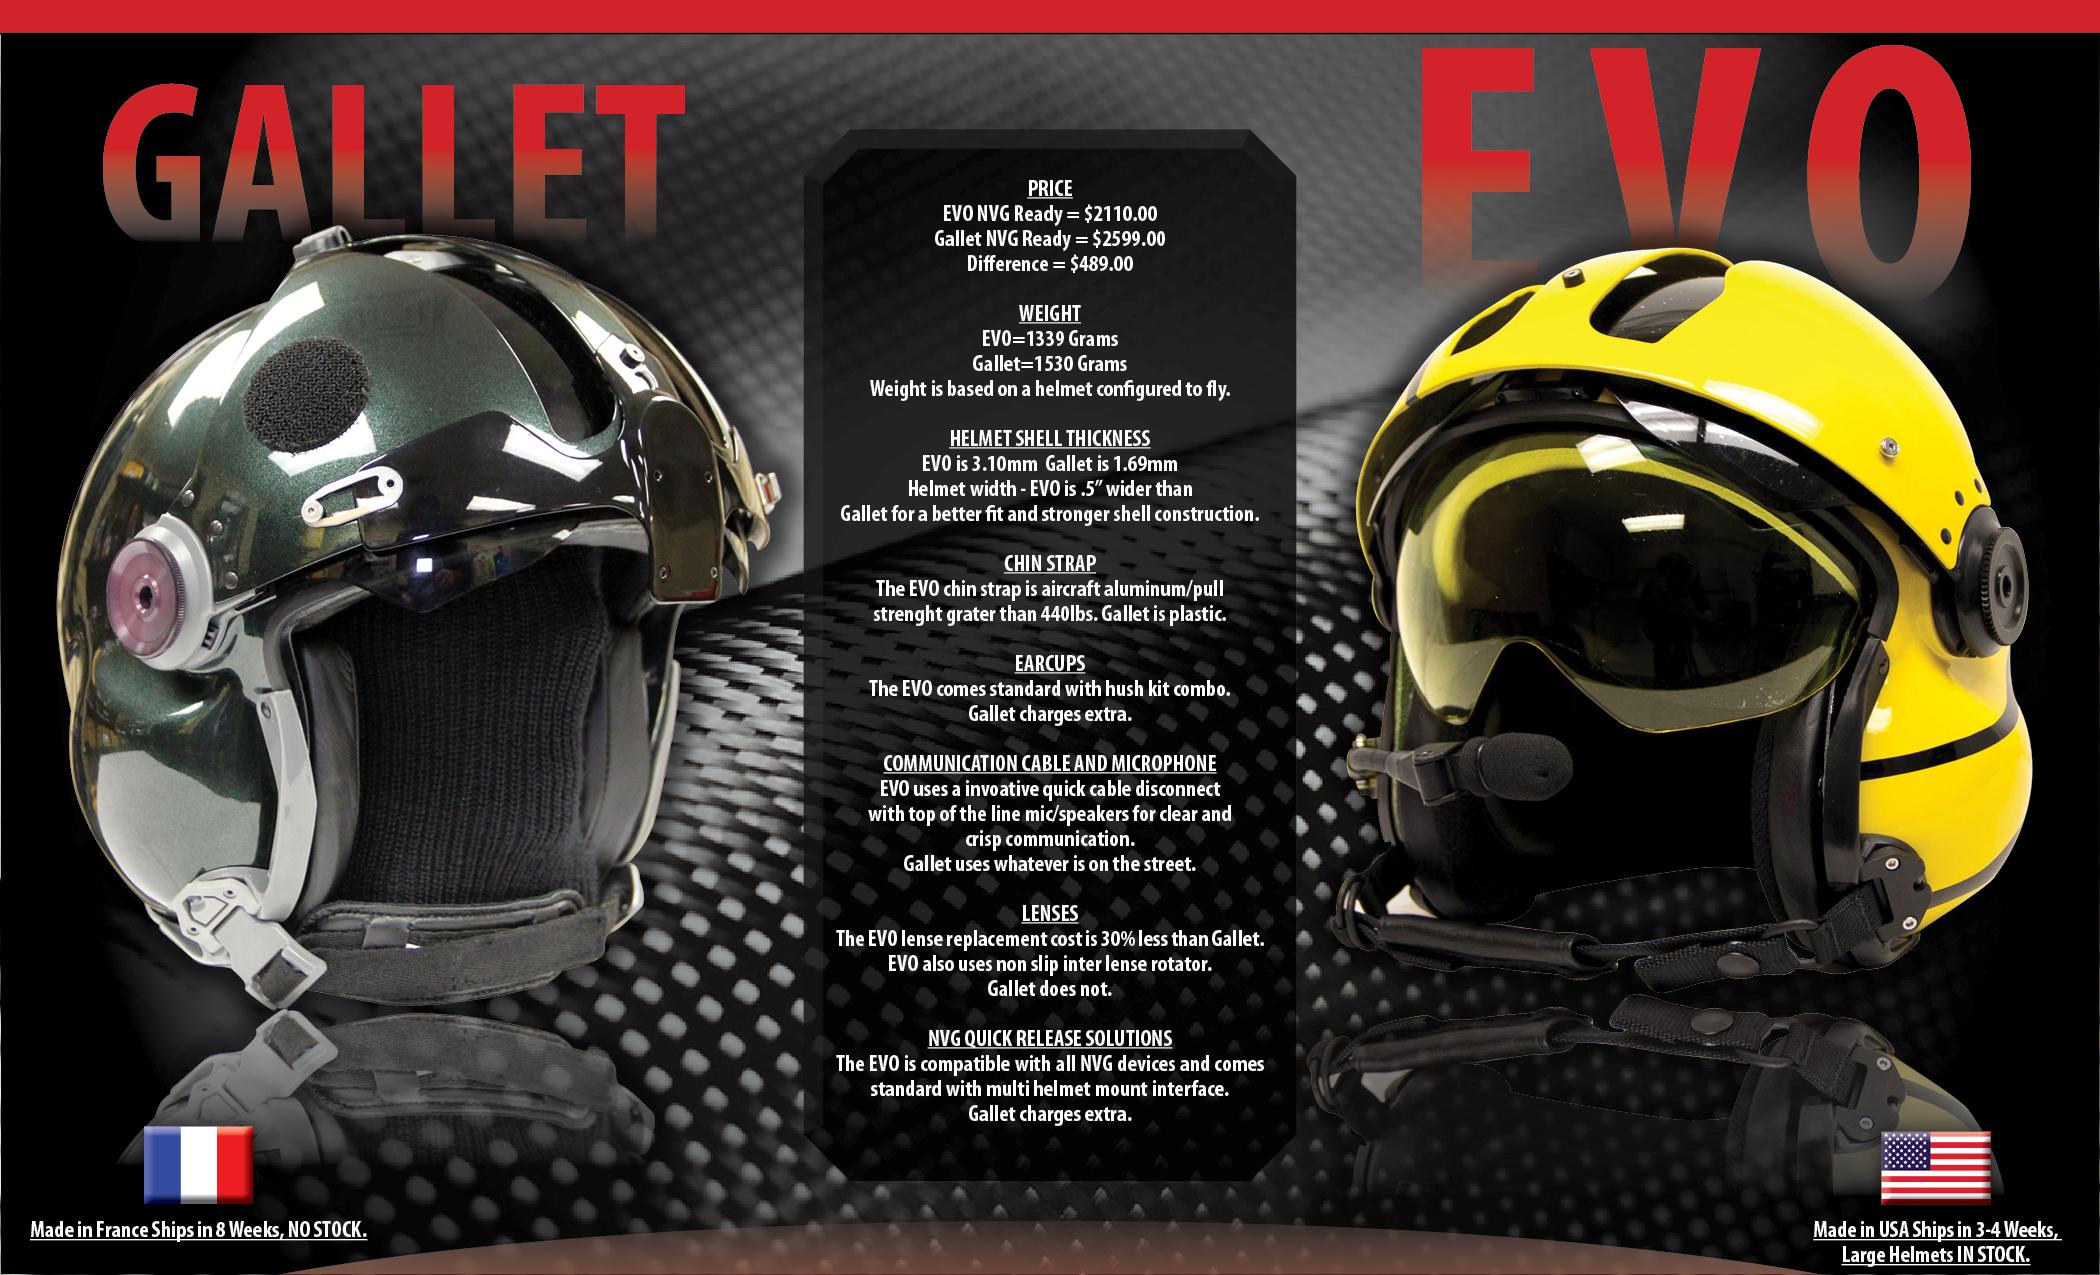 Sph 5 Helmet Wiring Diagram And Schematics Communication Wire Msa Gallet Vs Evo